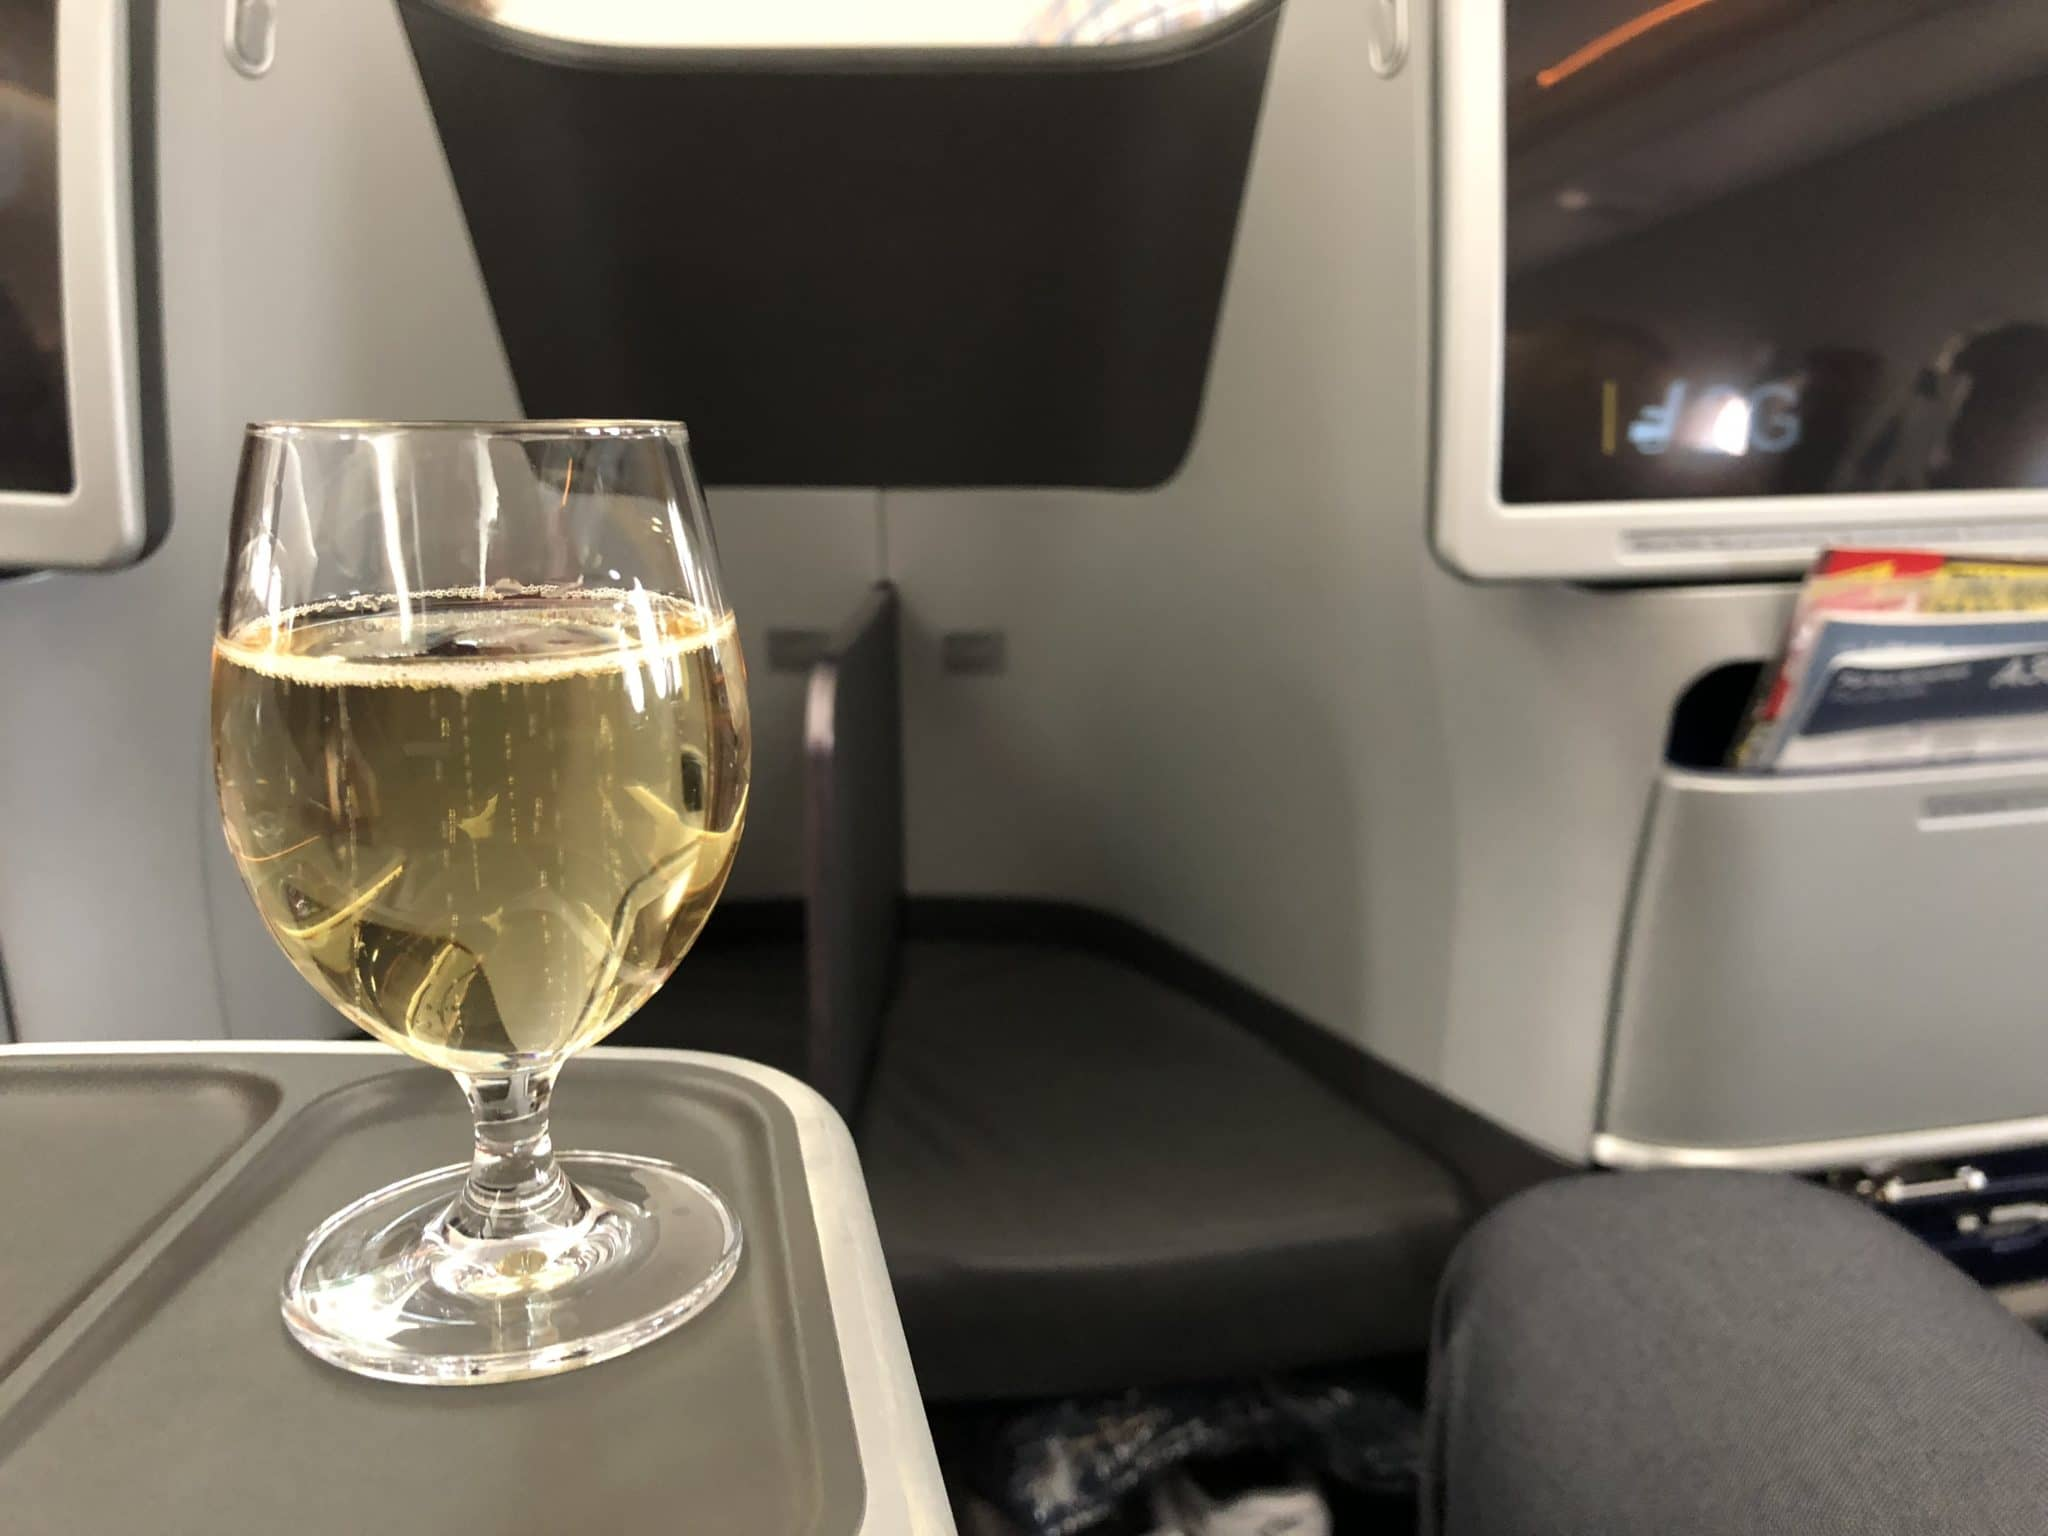 Lufthansa Business Class A350 Champagner zur Begrüßung